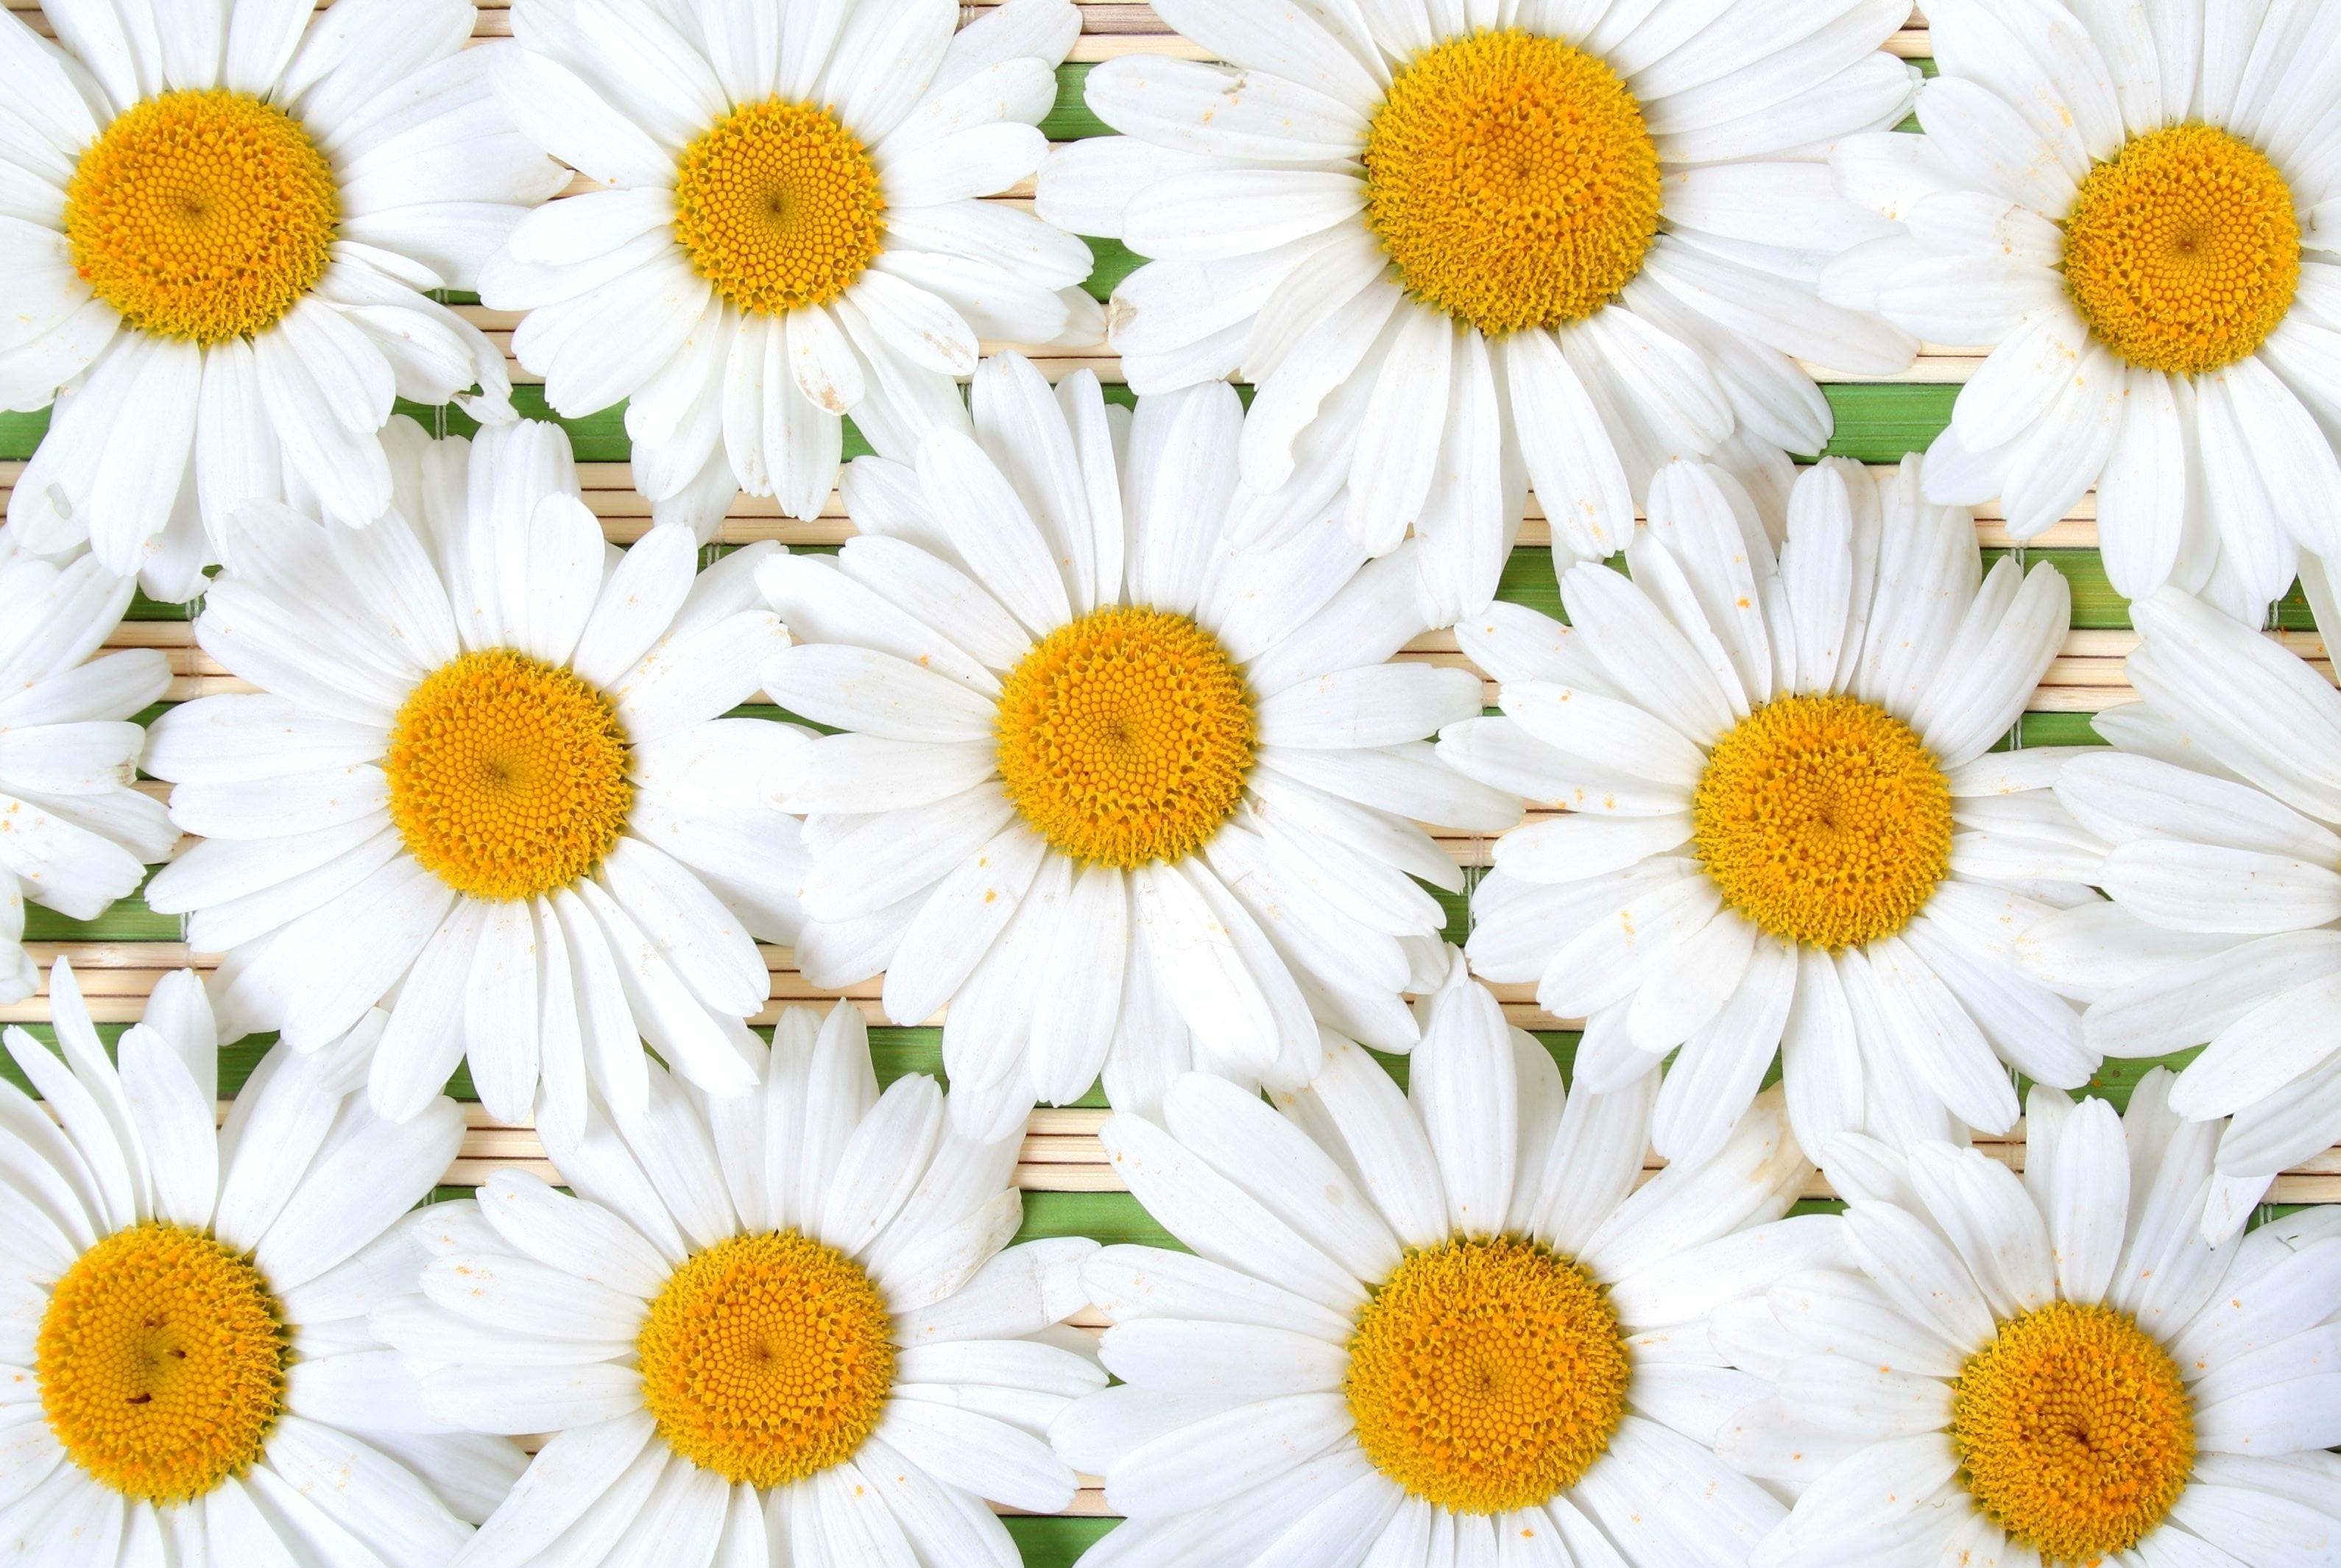 157874 скачать обои Ромашки, Цветы, Лепестки, Композиция, Белоснежные - заставки и картинки бесплатно